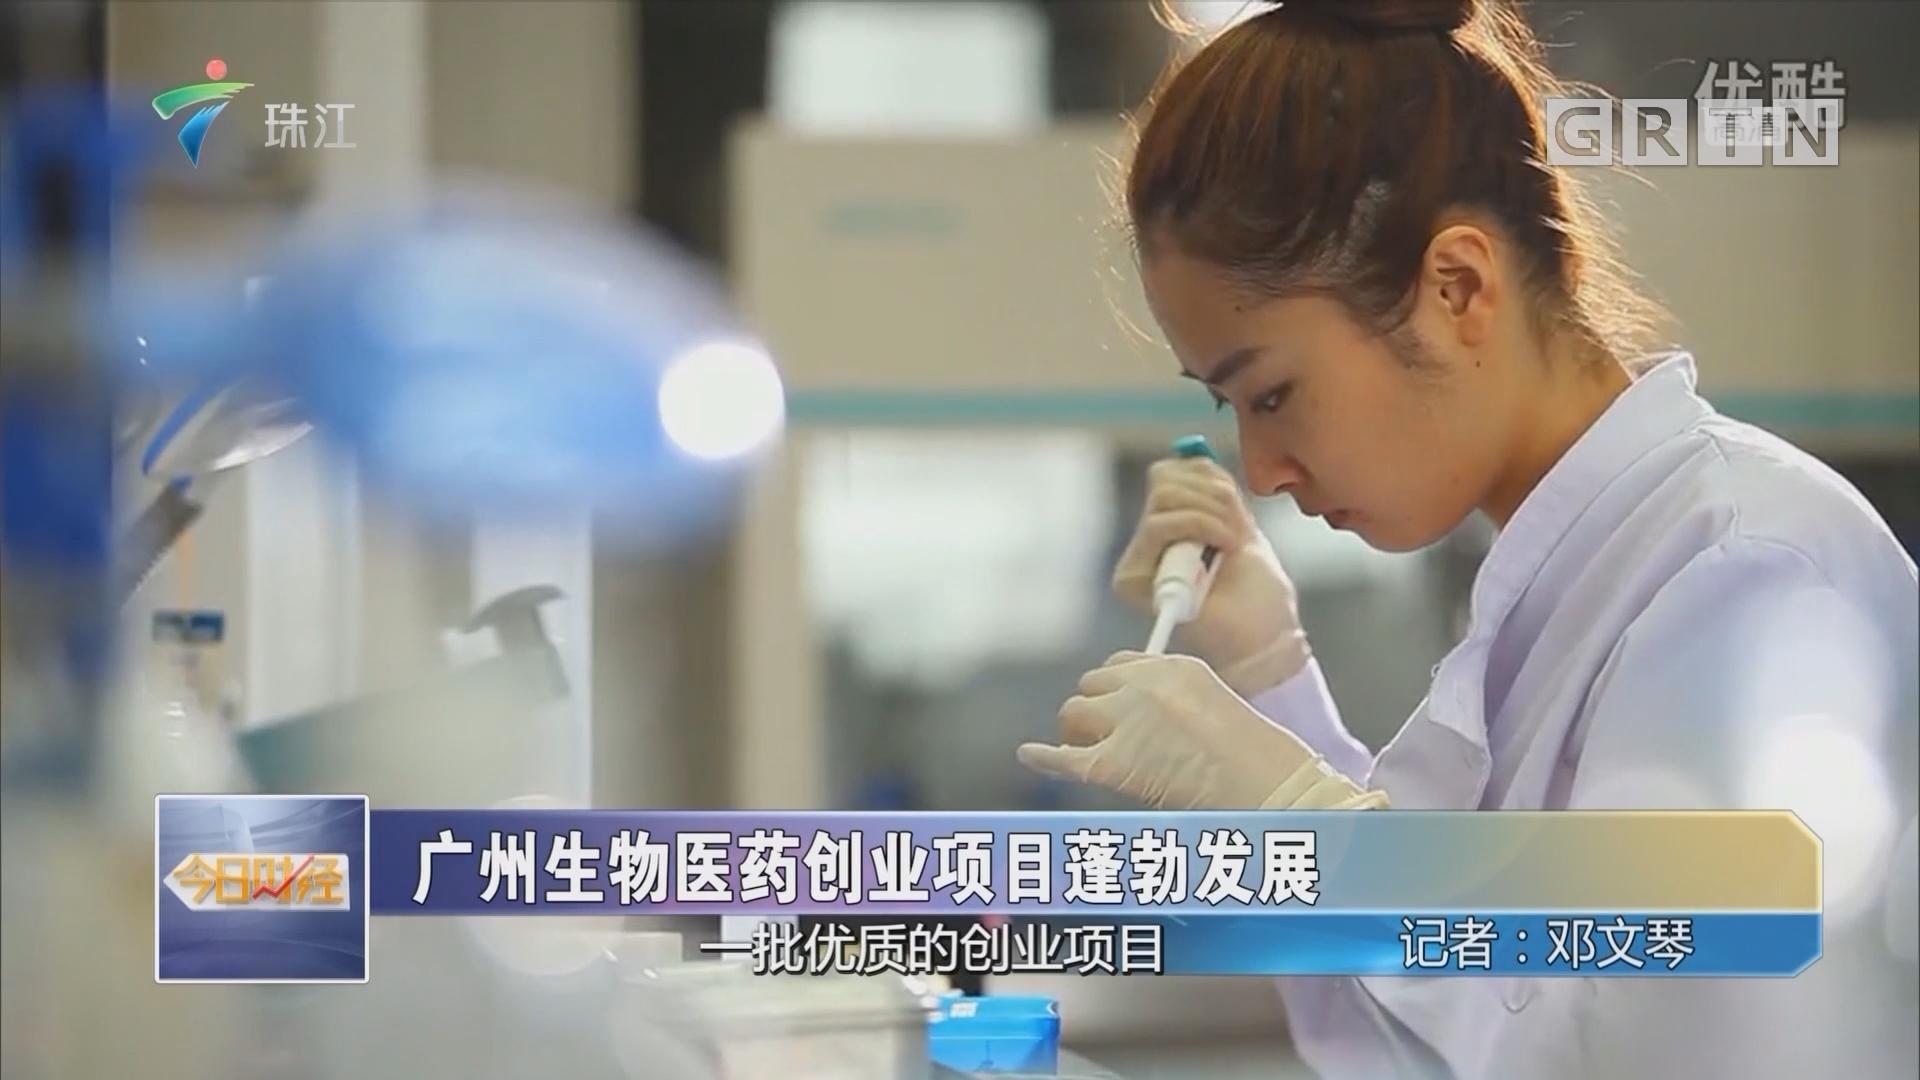 广州生物医药创业项目蓬勃发展